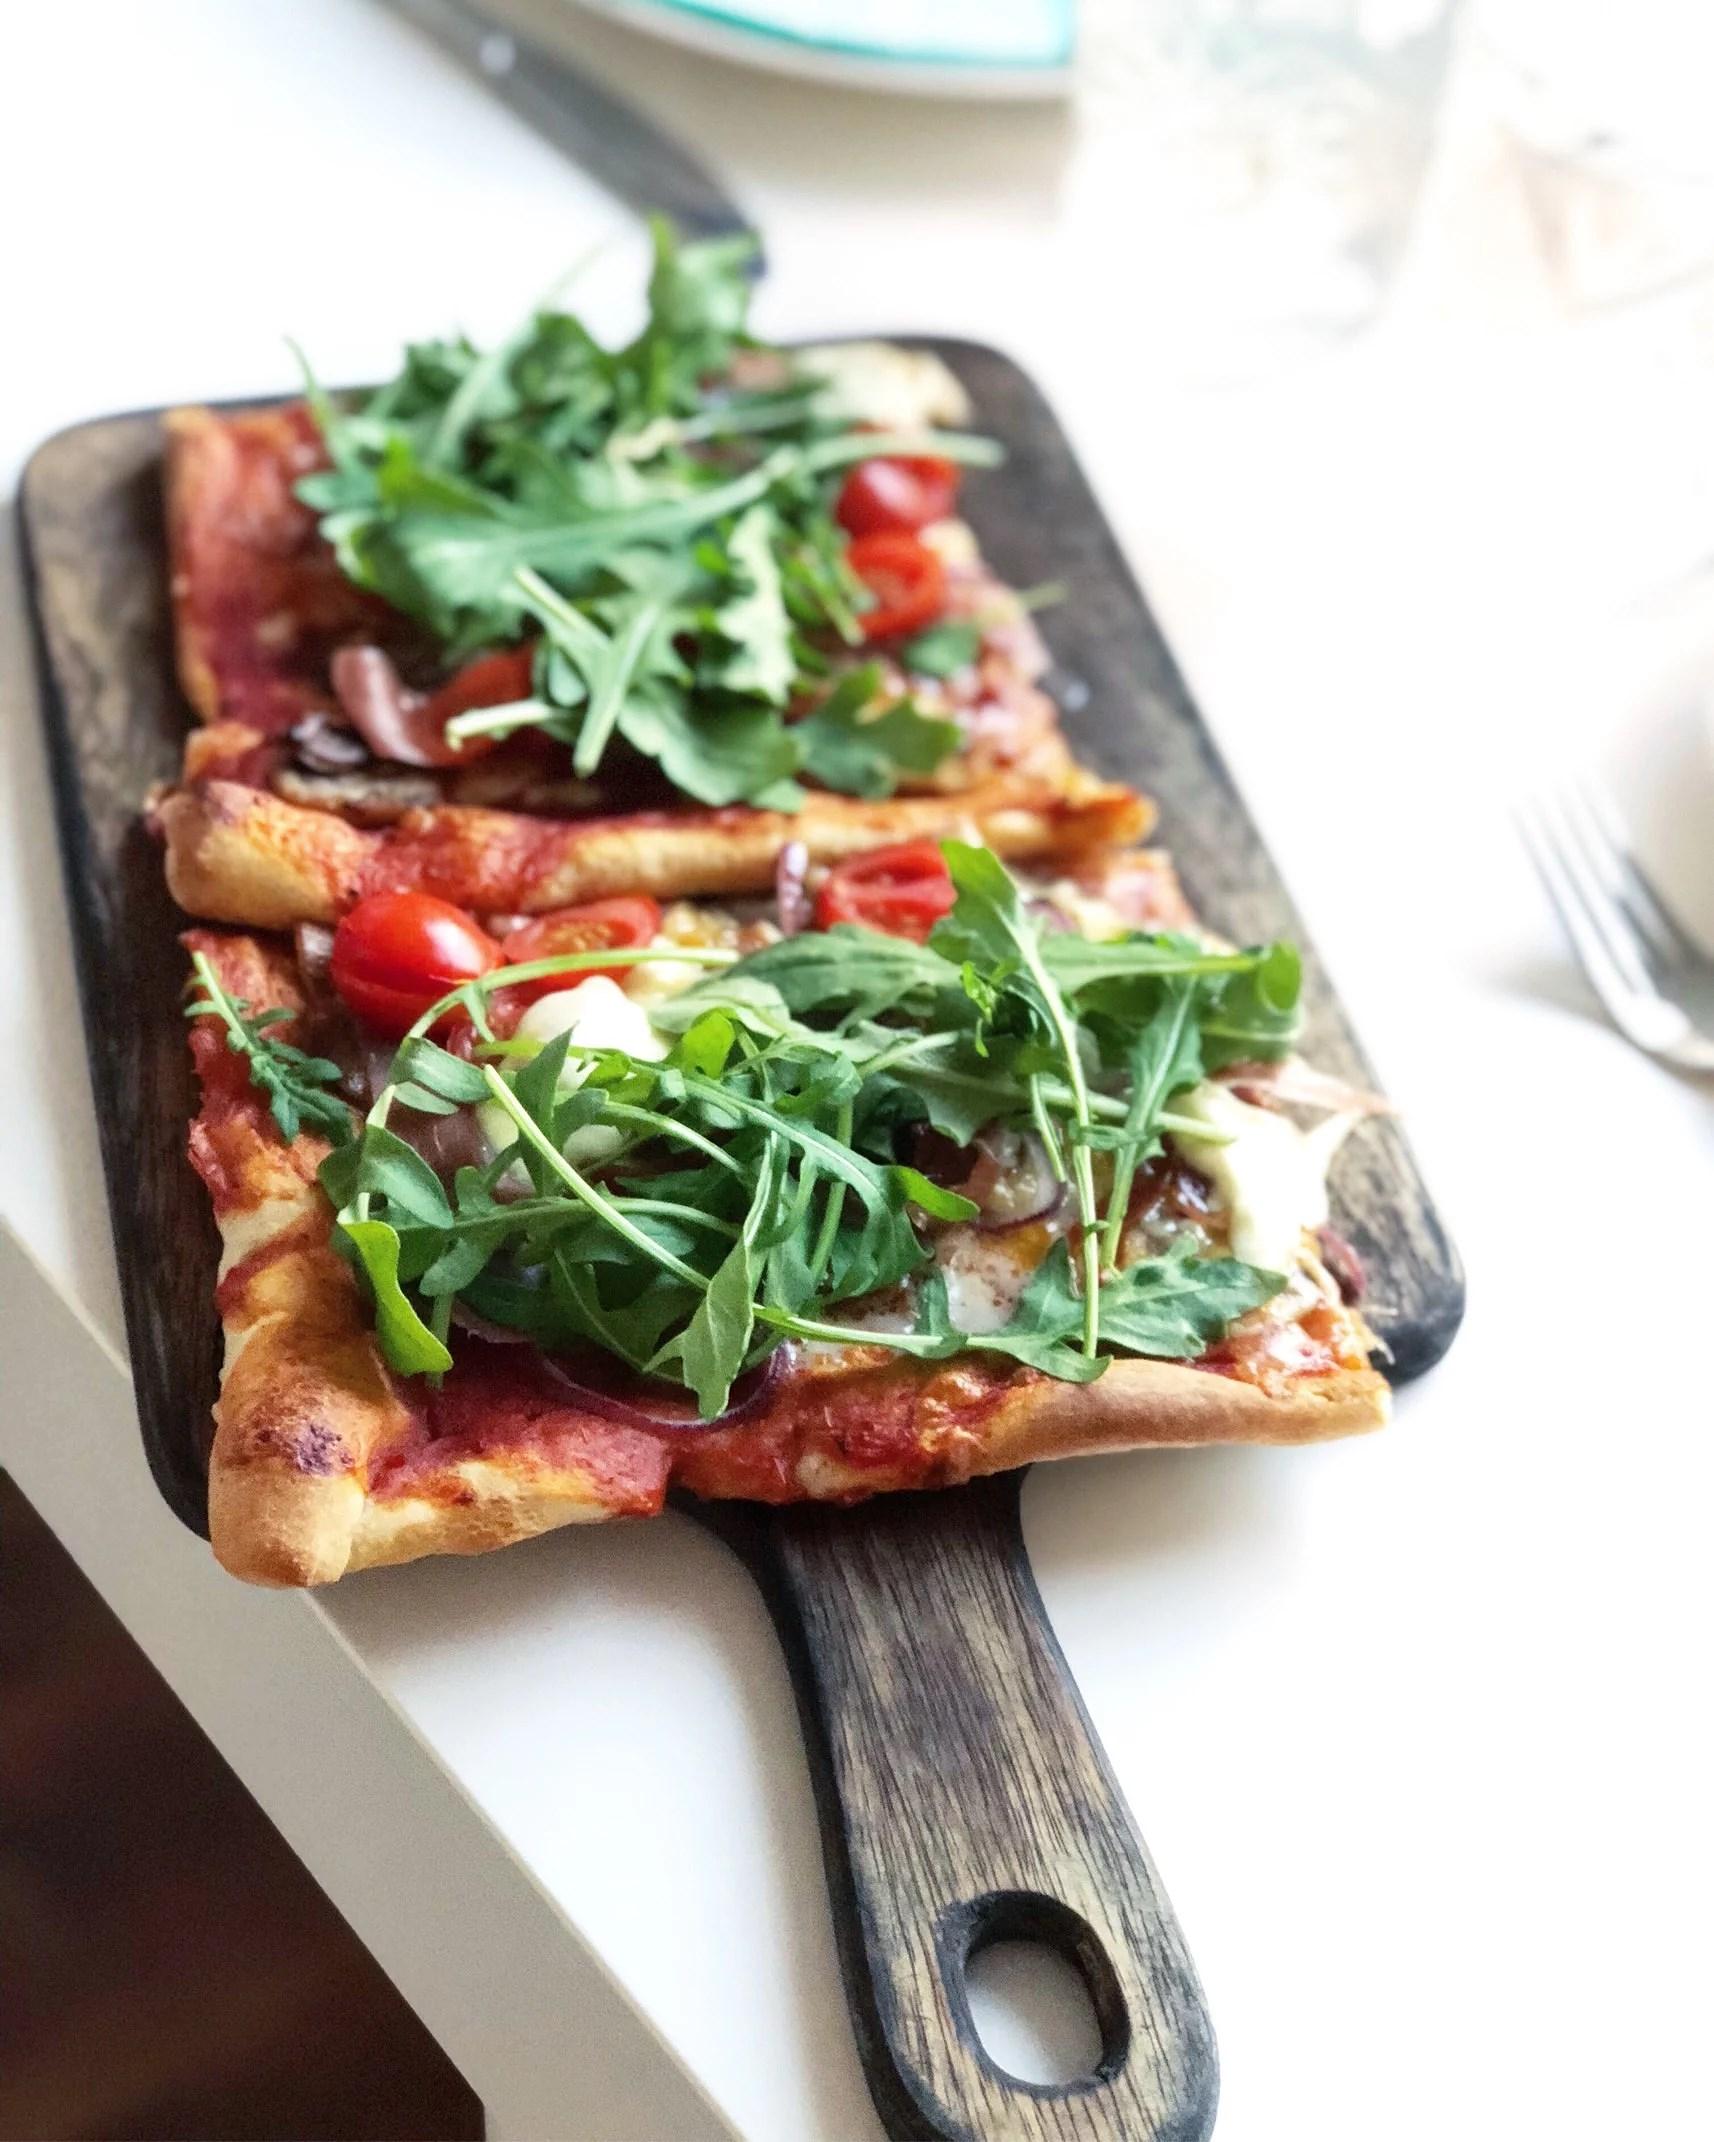 Mysmiddag - hemmagjord pizza!